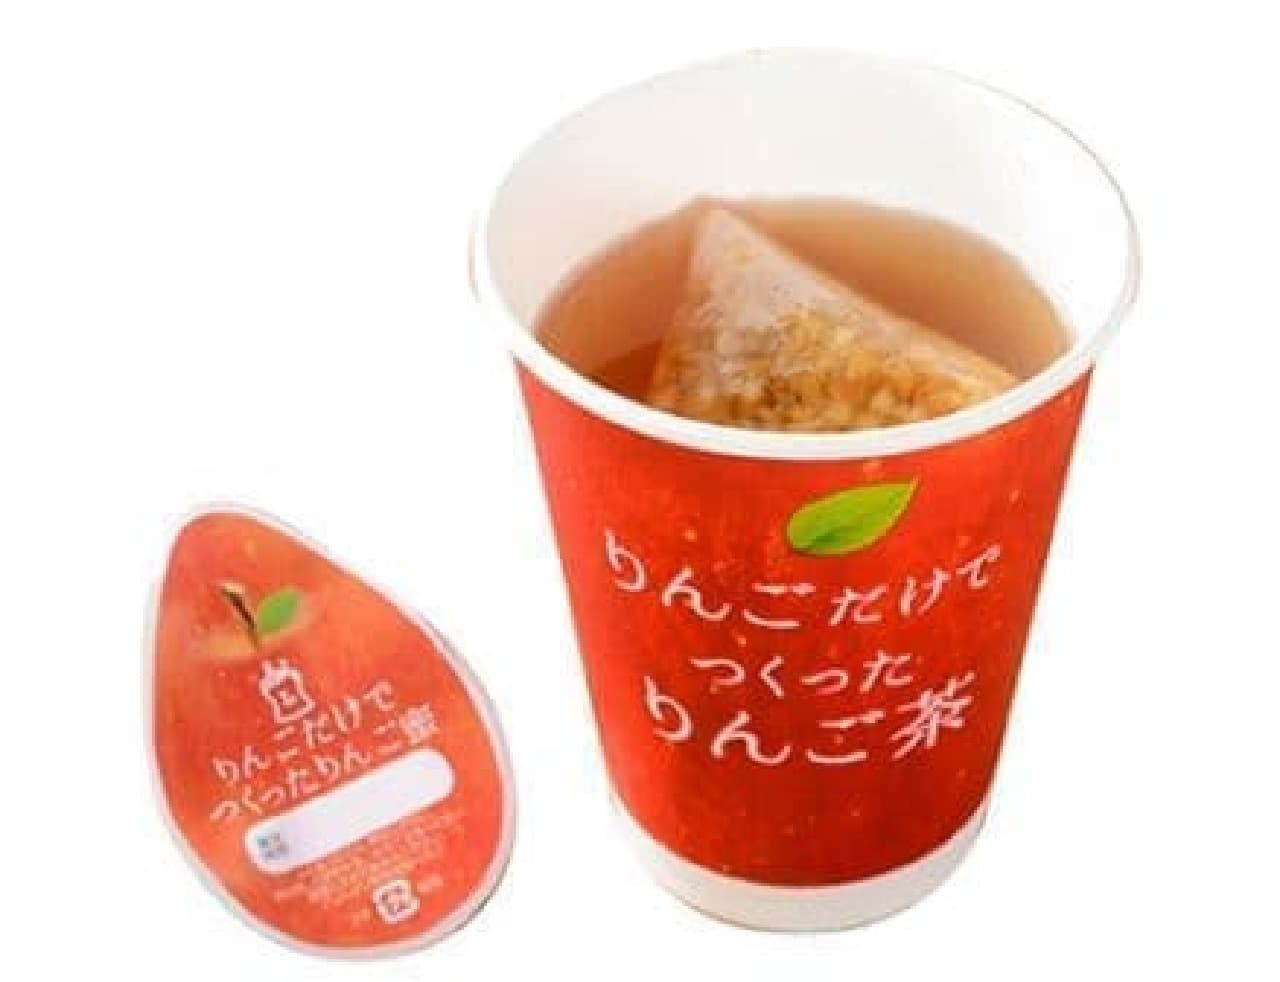 りんごだけでつくったりんご茶